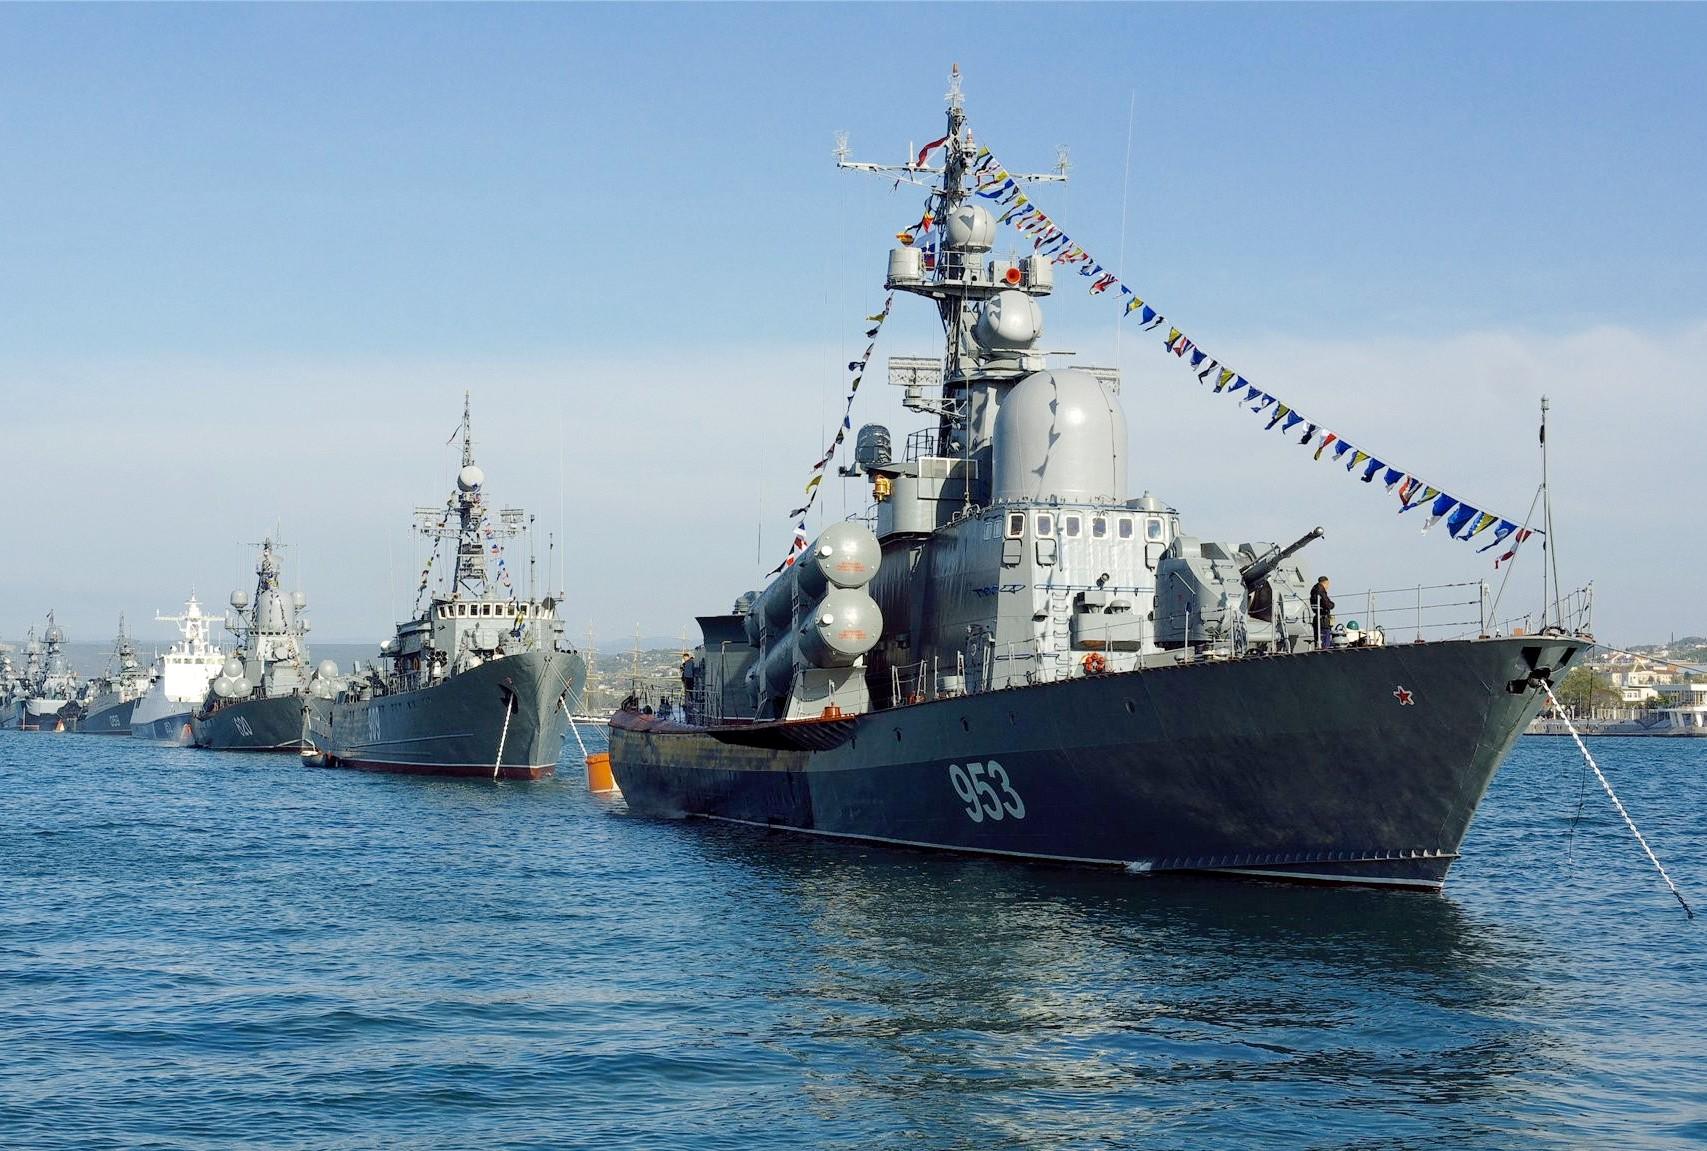 Одна из заветных истинных организаторов целей ЕвроМадана – размещение в Крыму военно-морской базы НАТО и изгнание оттуда России